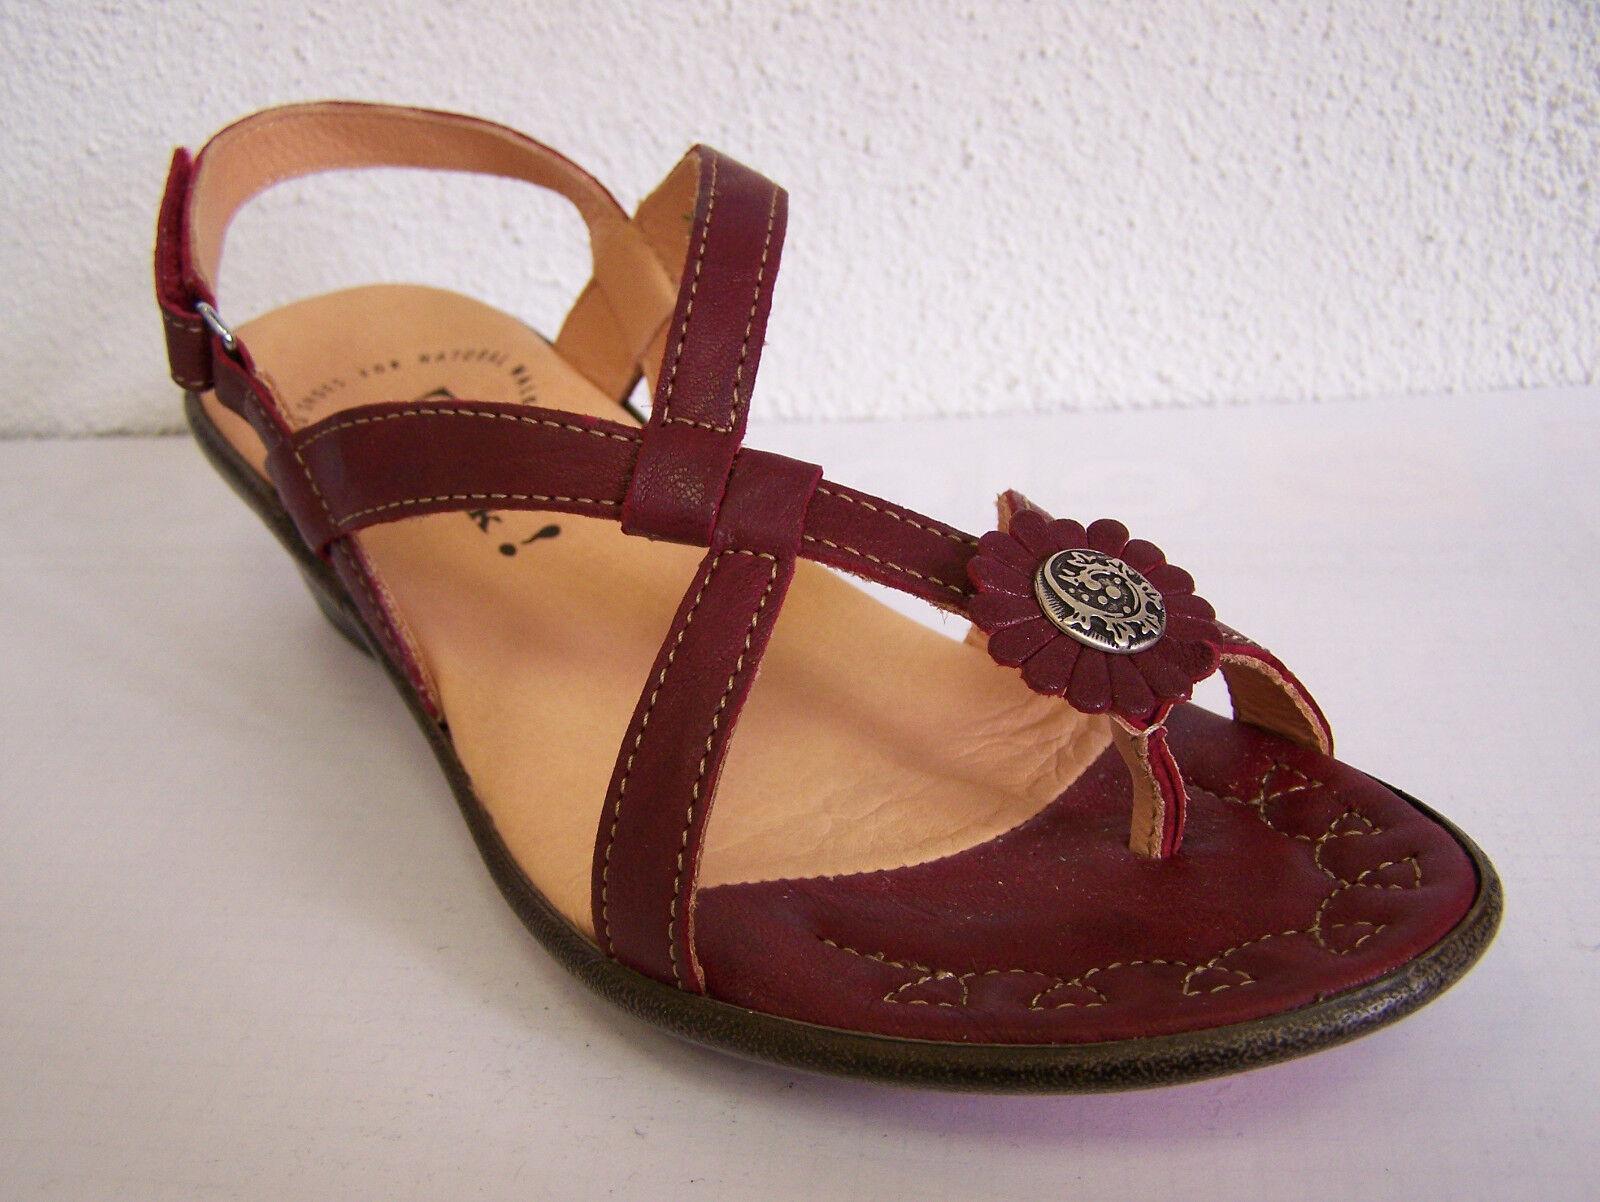 Think  Schuh Modell Nanet ähnlich kombi wie Soso Zehenspreizer rosso kombi ähnlich 68f825